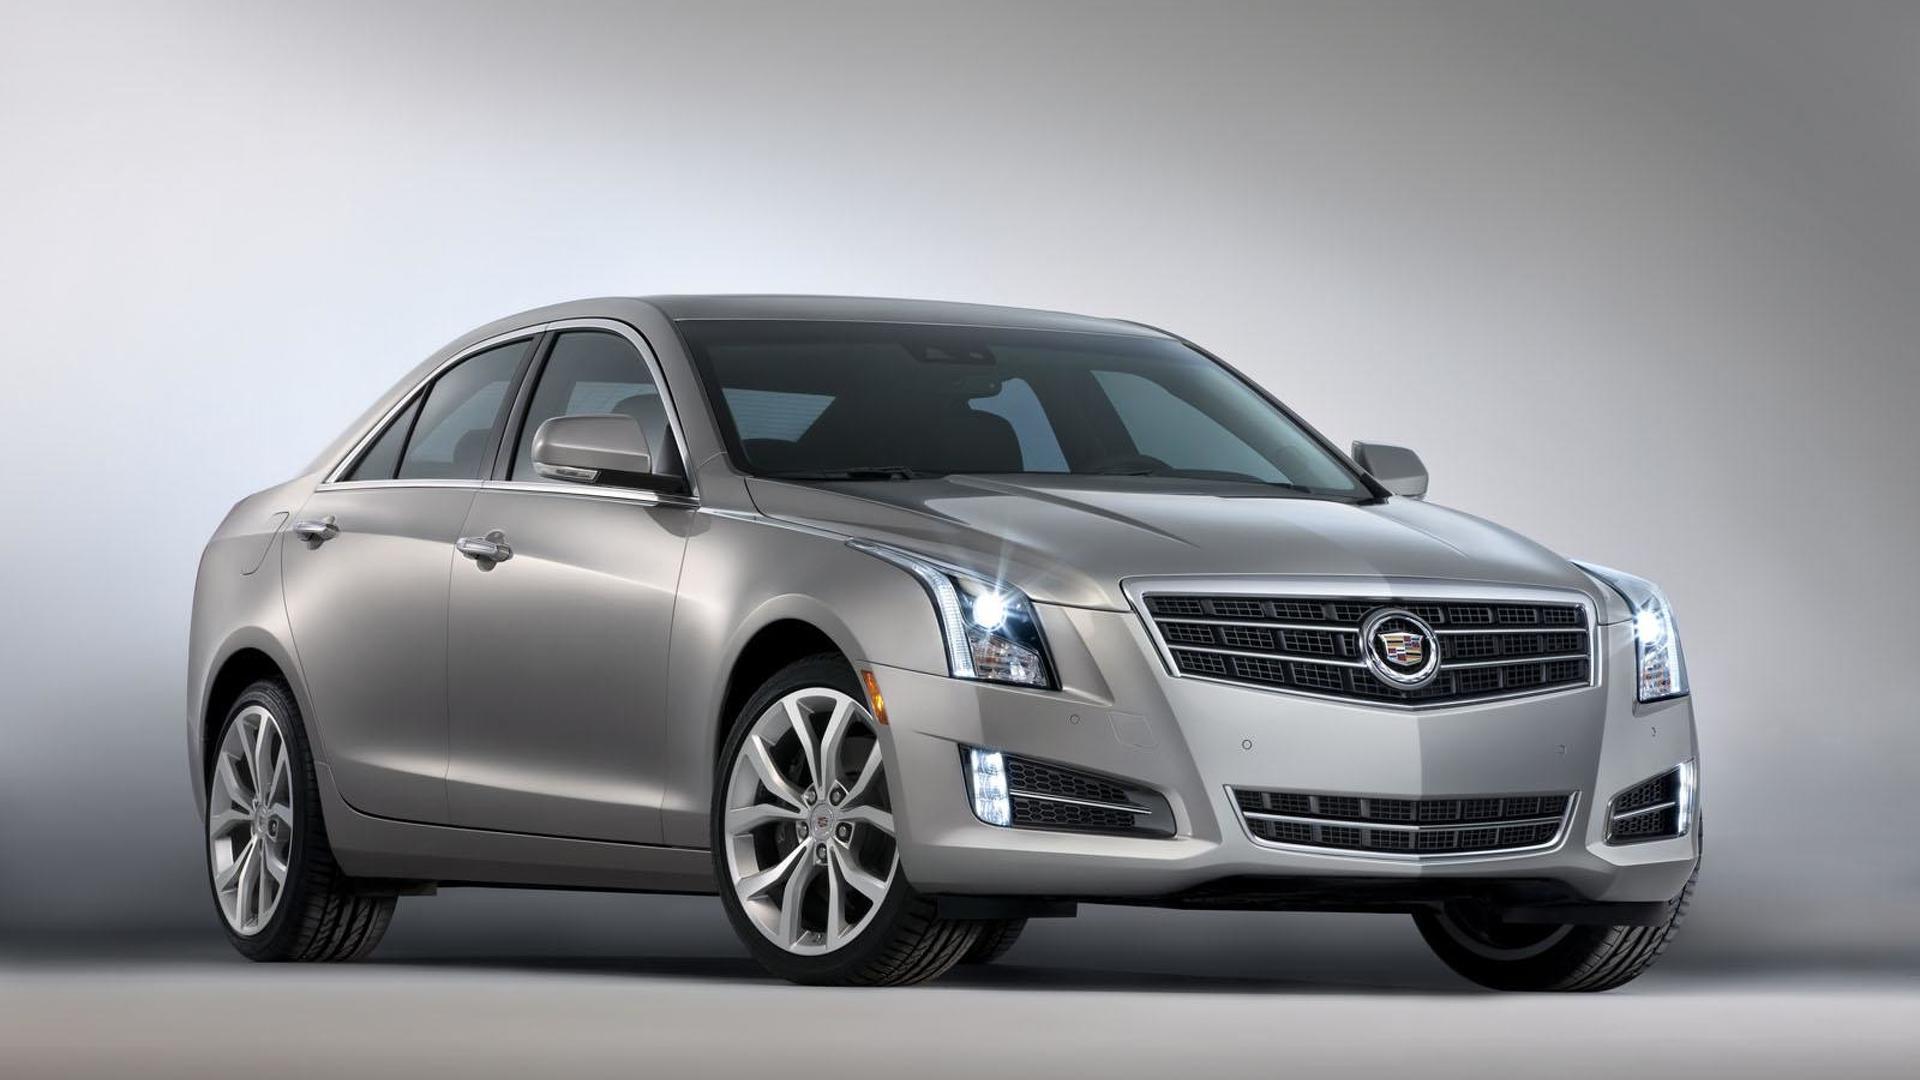 Cadillac exec hints at flagship sedan, ATS coupe